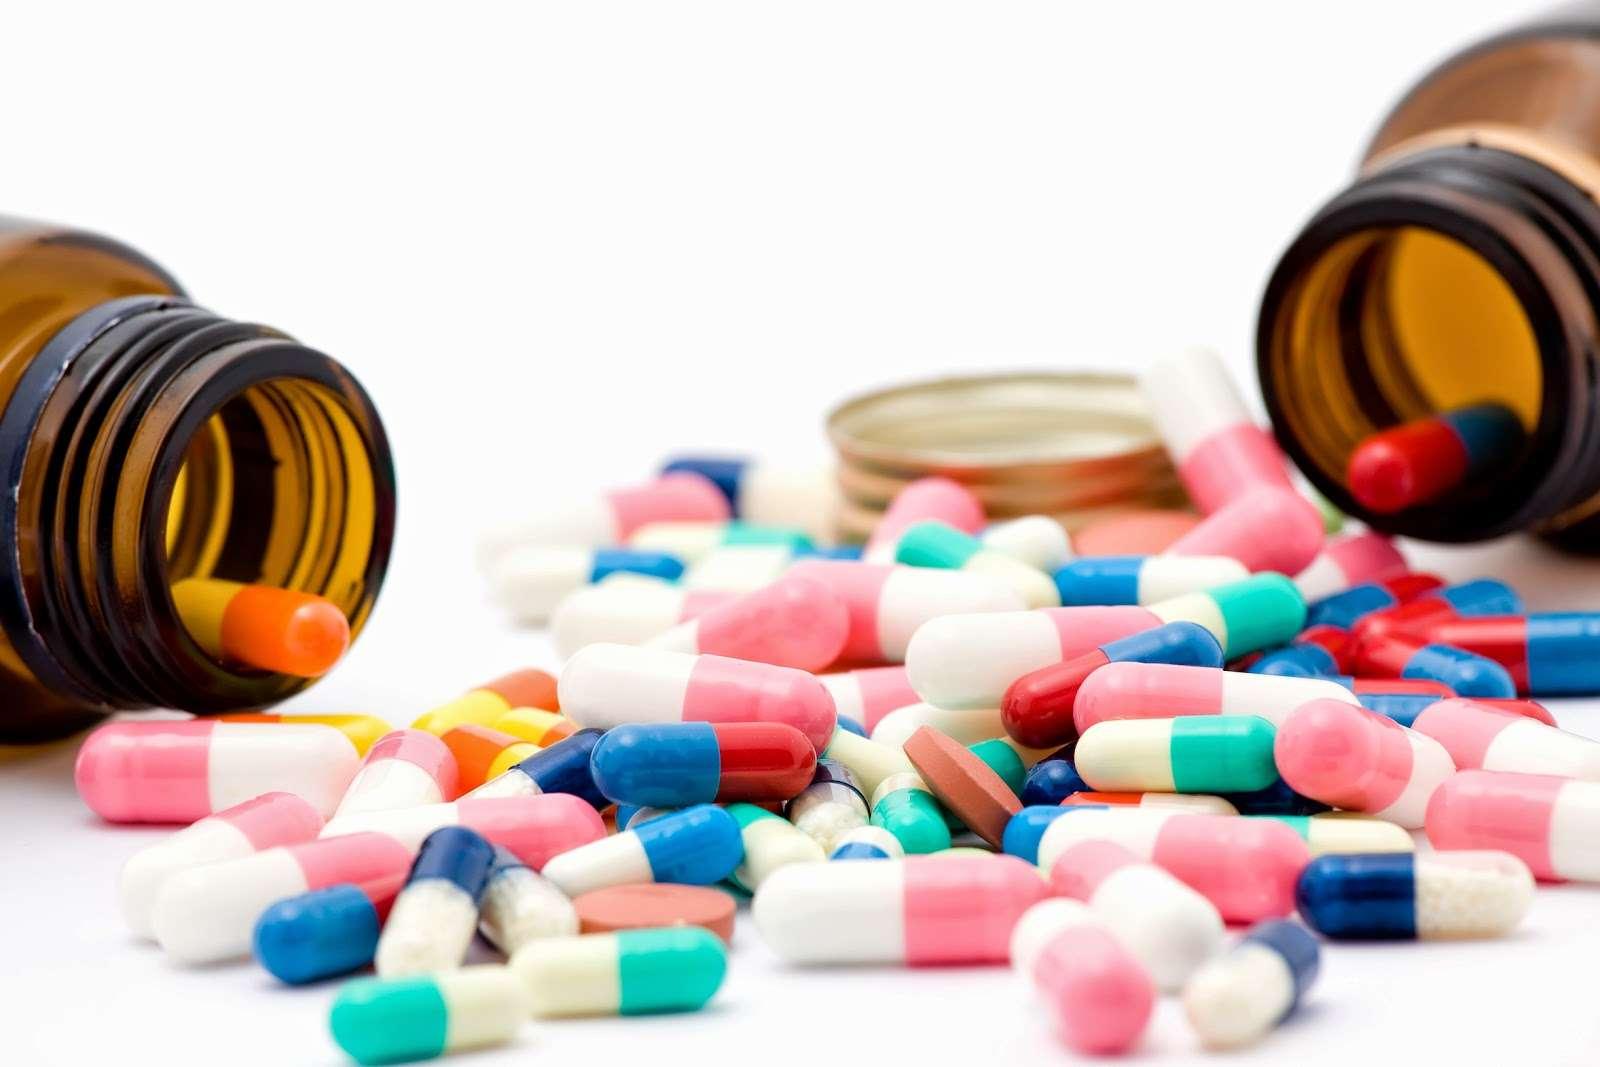 SGK-TEB ilaç alım protokolü 1 Ekim'de yürürlükte